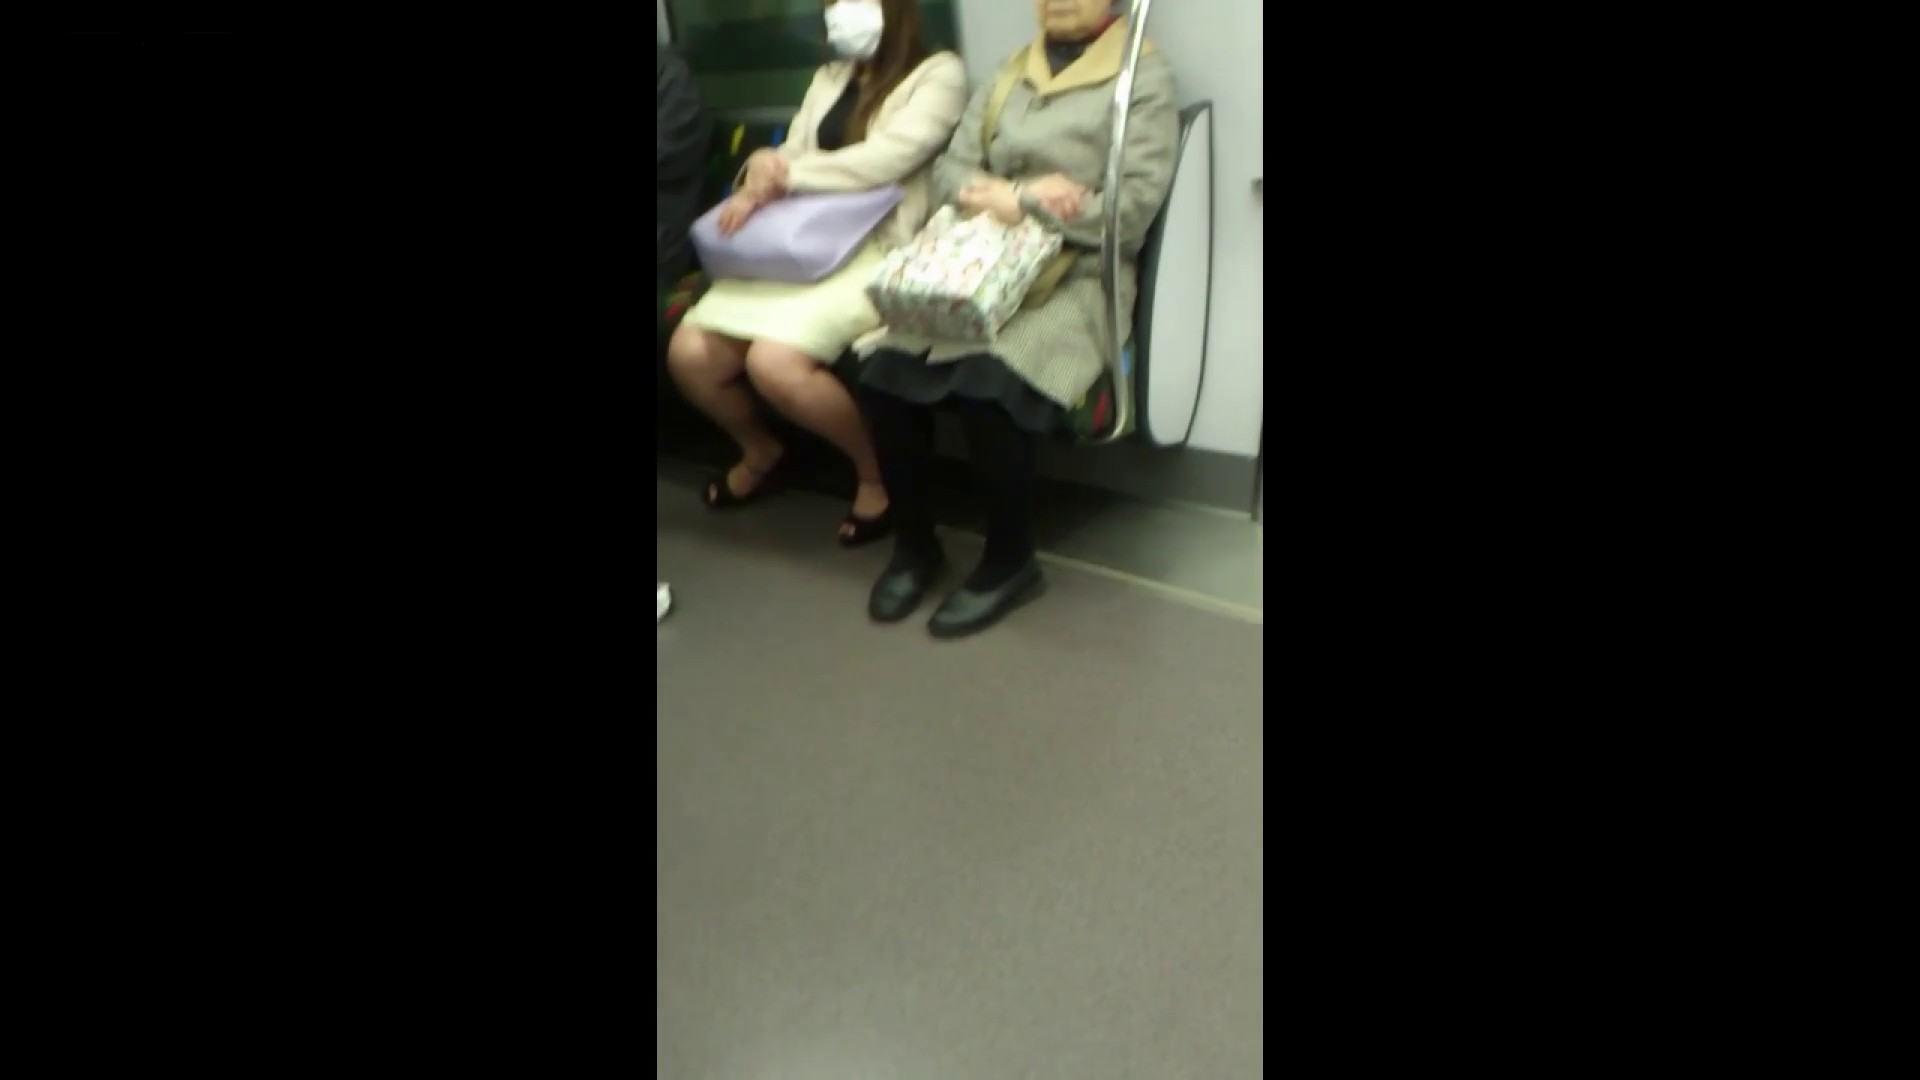 盗撮列車 Vol.55 黄色の爽やかなスカートが大好きです。 盗撮エロすぎ | OL  38連発 6